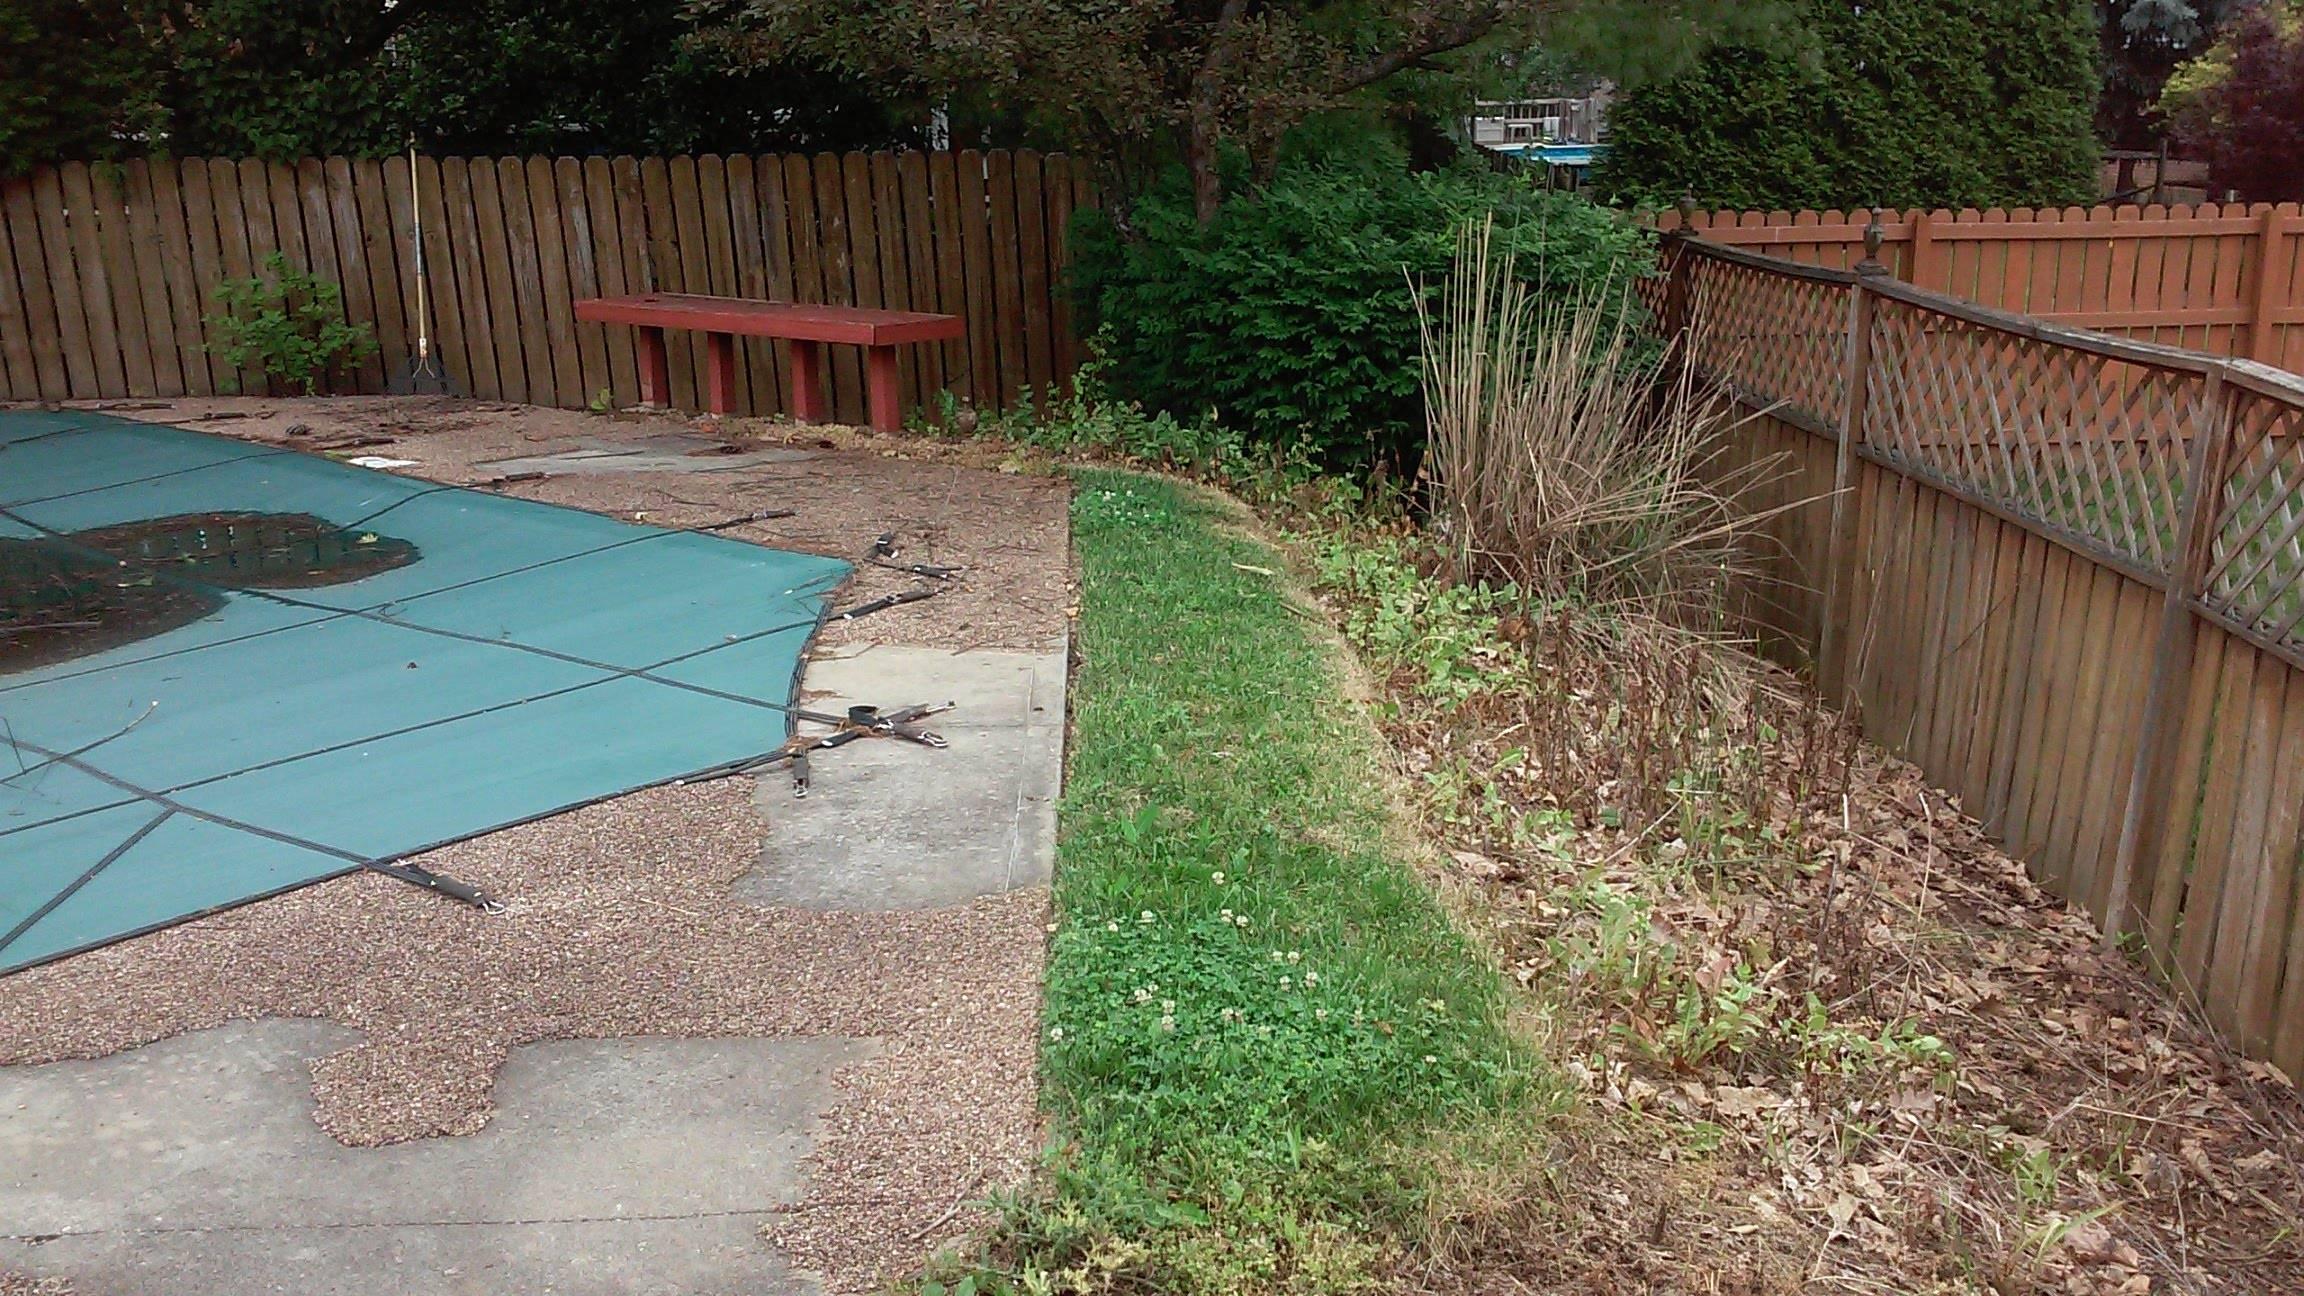 Over run backyard